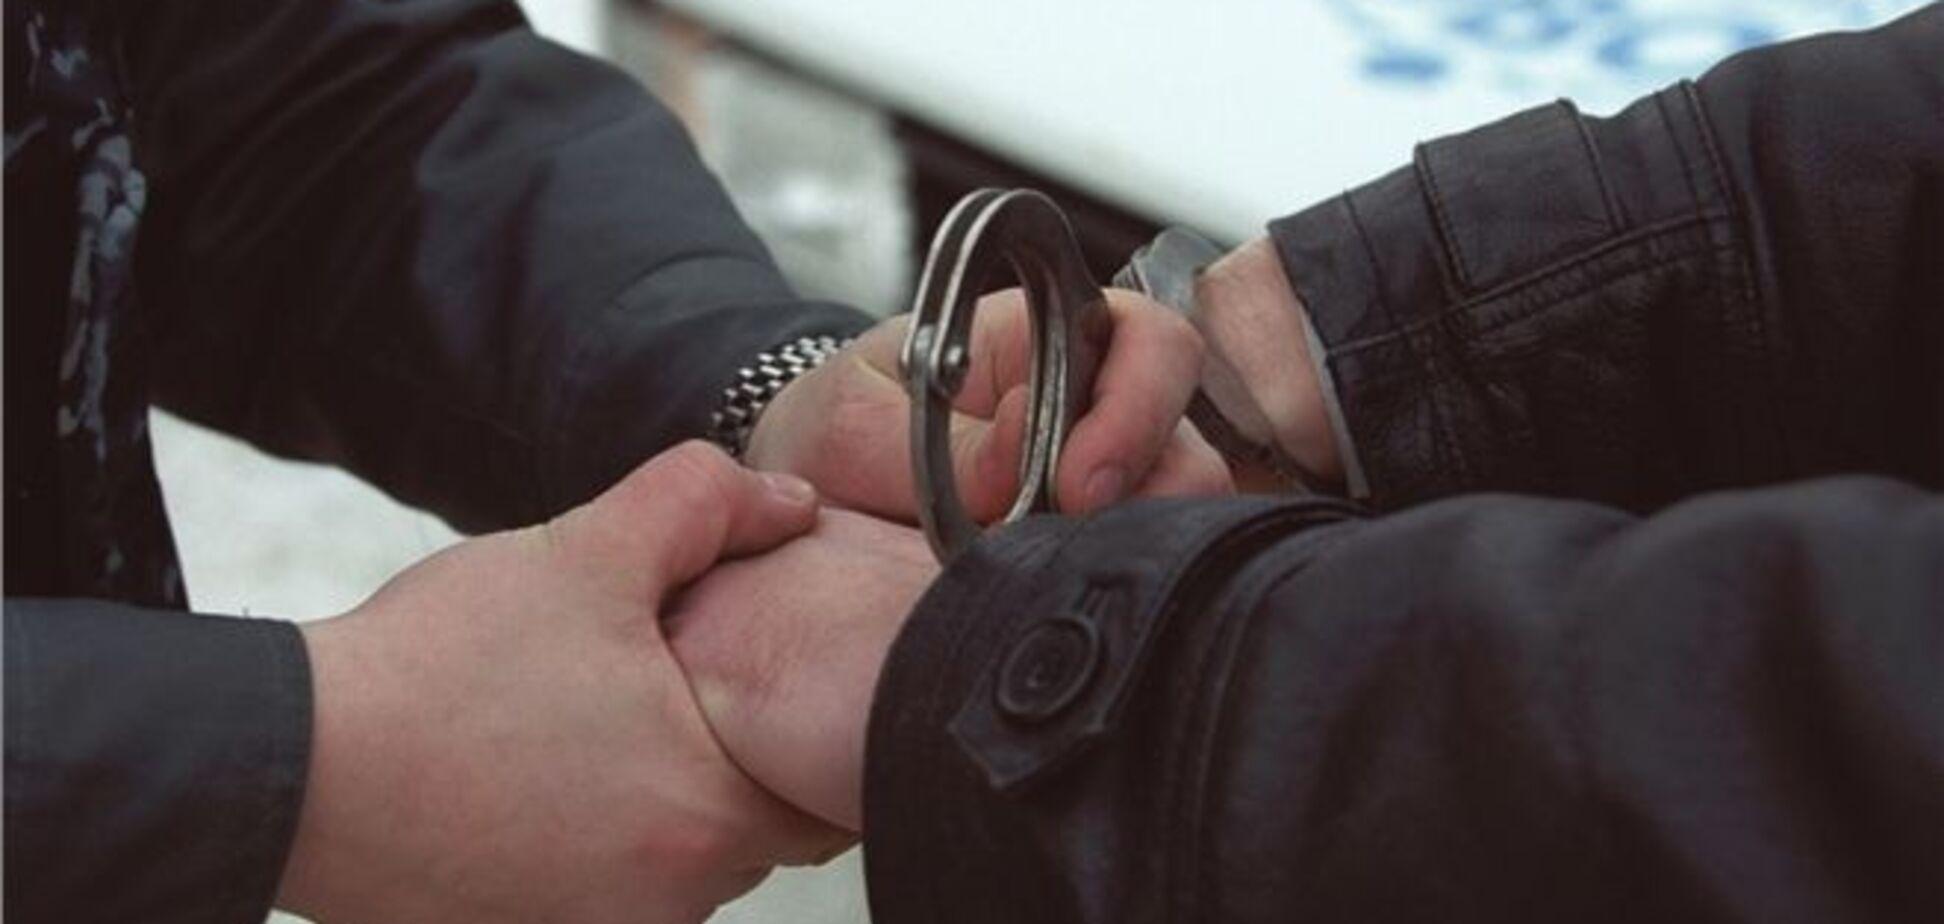 У Харкові шахрай з посвідченням прокурора вимагав гроші у самогонників